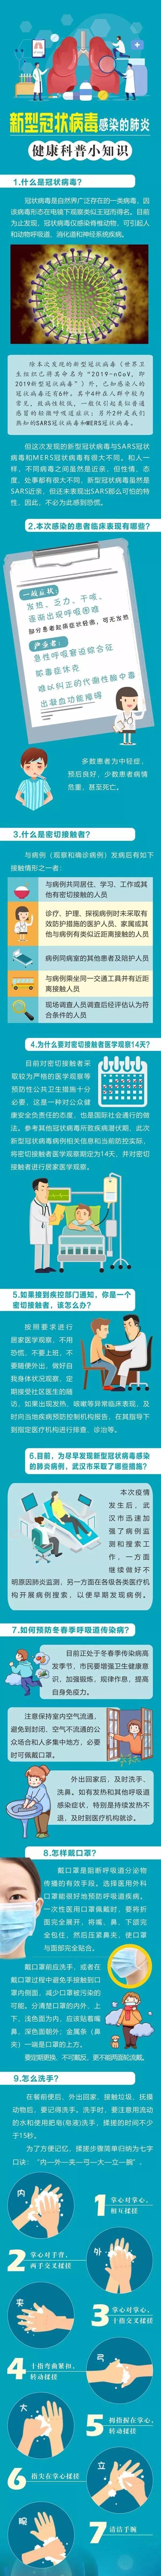 科普 丨 新型冠状病毒感染的肺炎有哪些症状?你想知道的全在这里!: